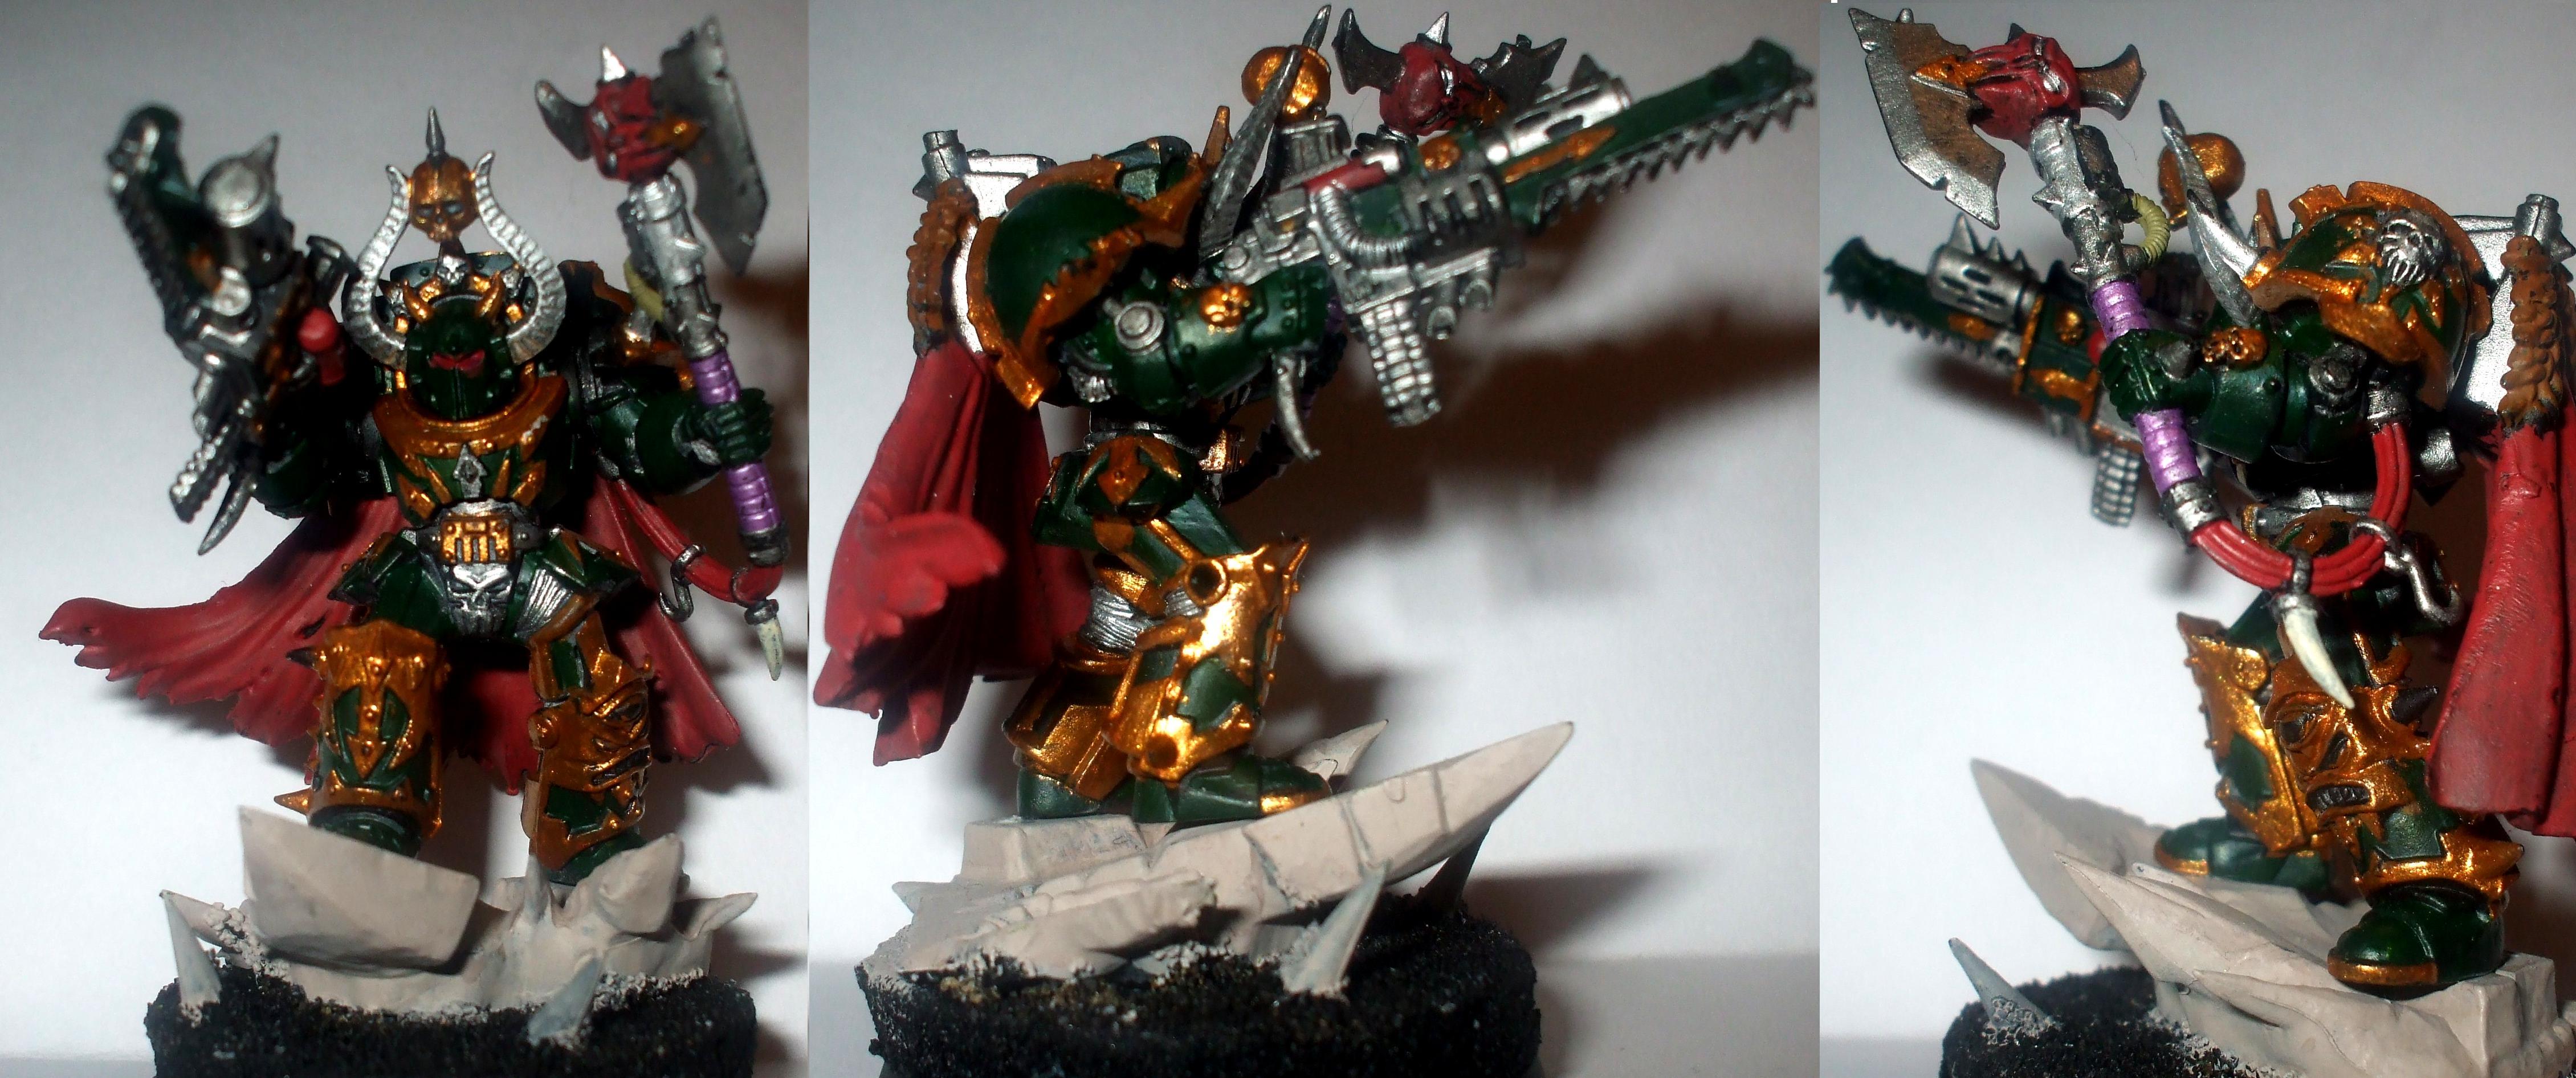 Chaos Lord, Terminator Lord